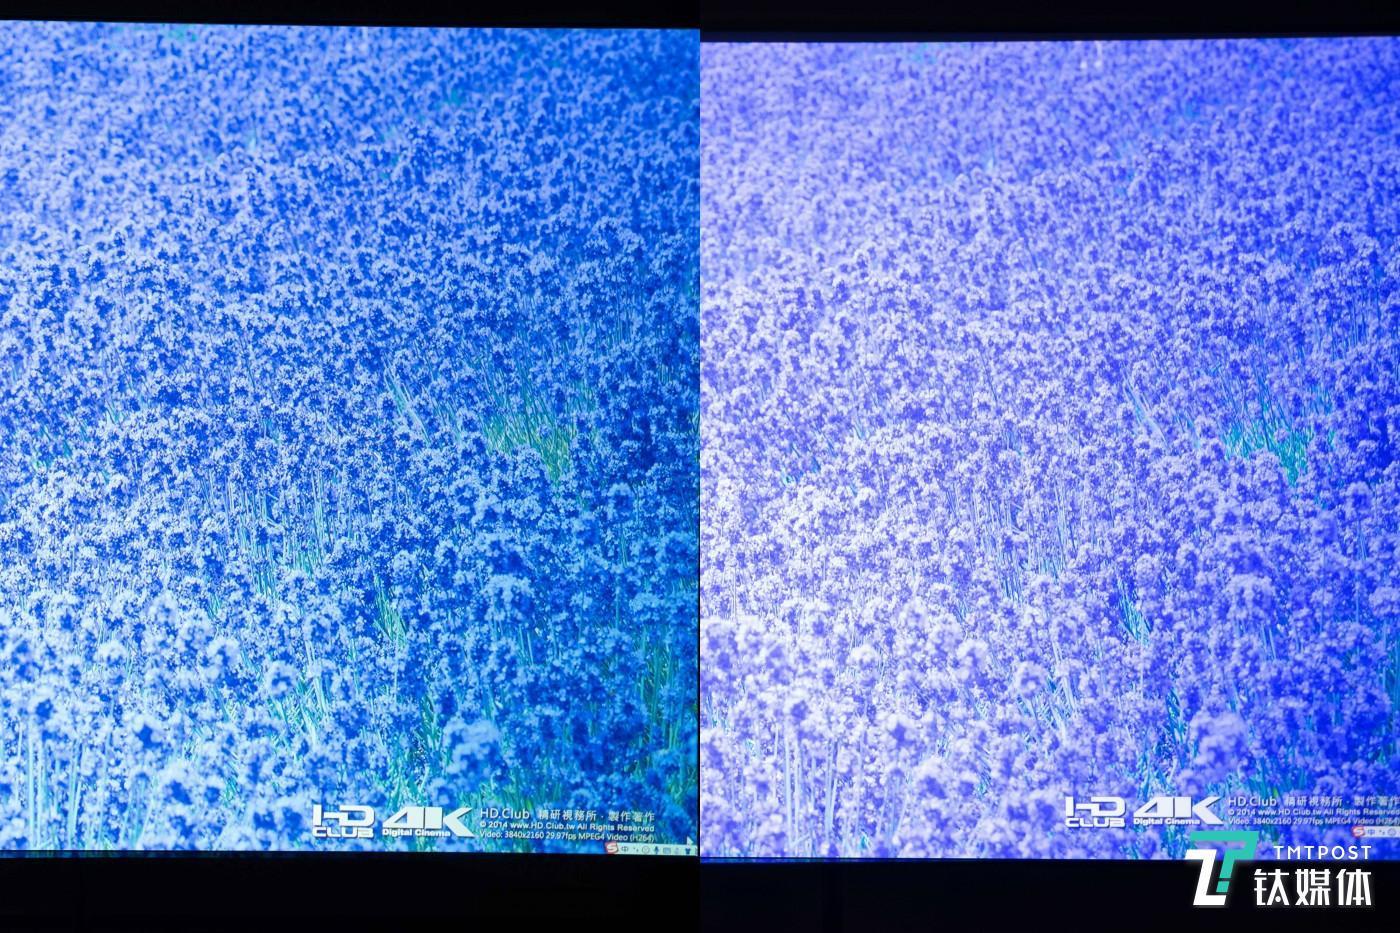 薰衣草图片对比,左为其他产品,右为LUNE 4K